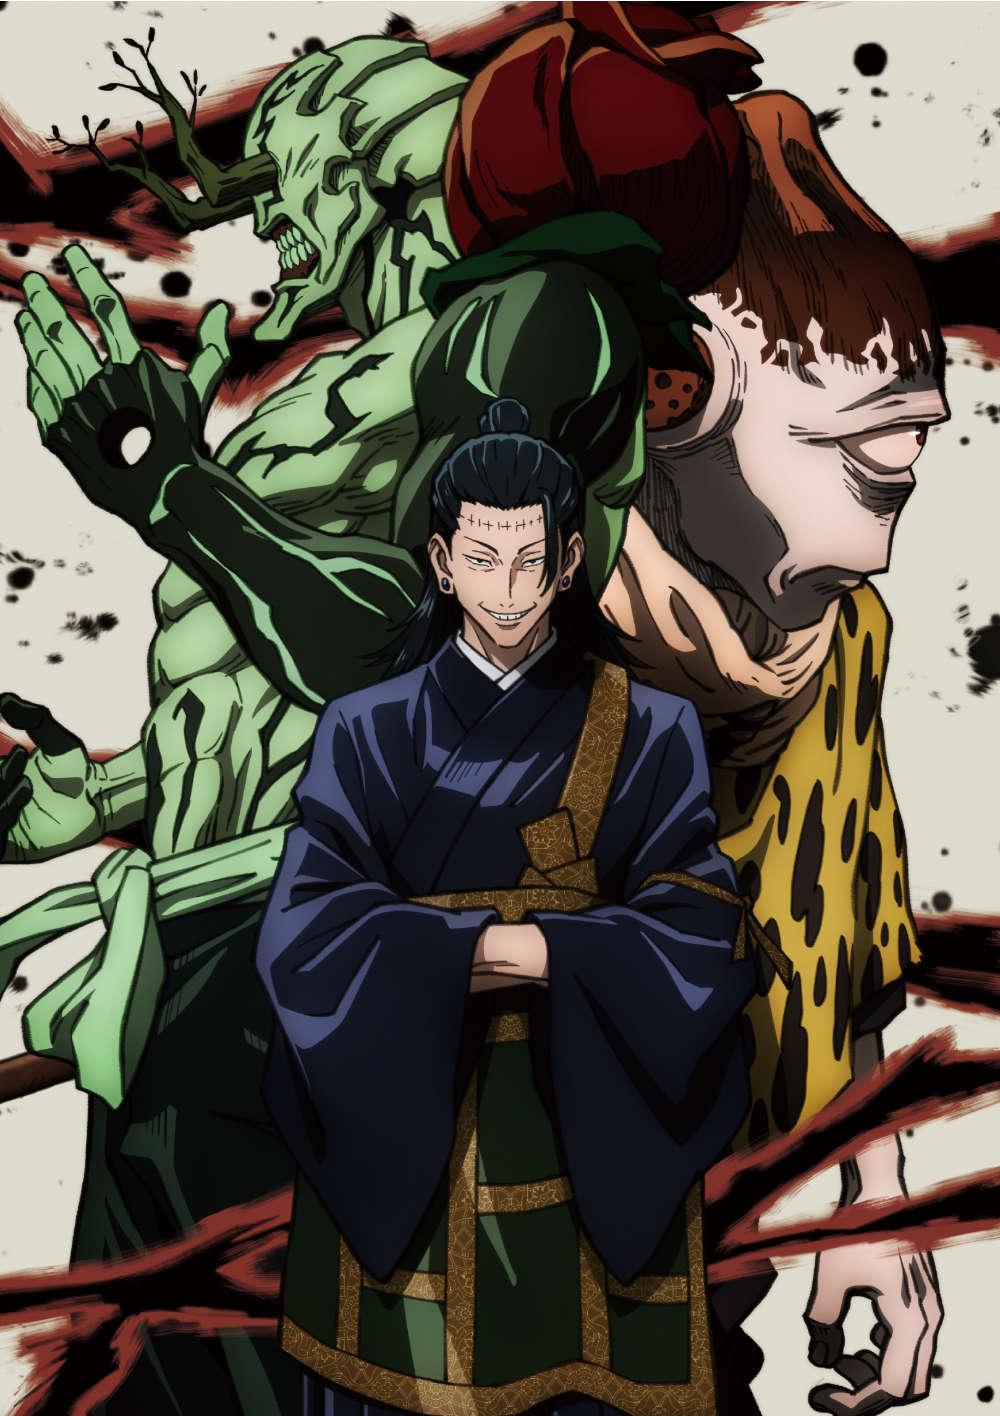 呪術廻戦 Vol.8 初回生産限定版 Blu-ray